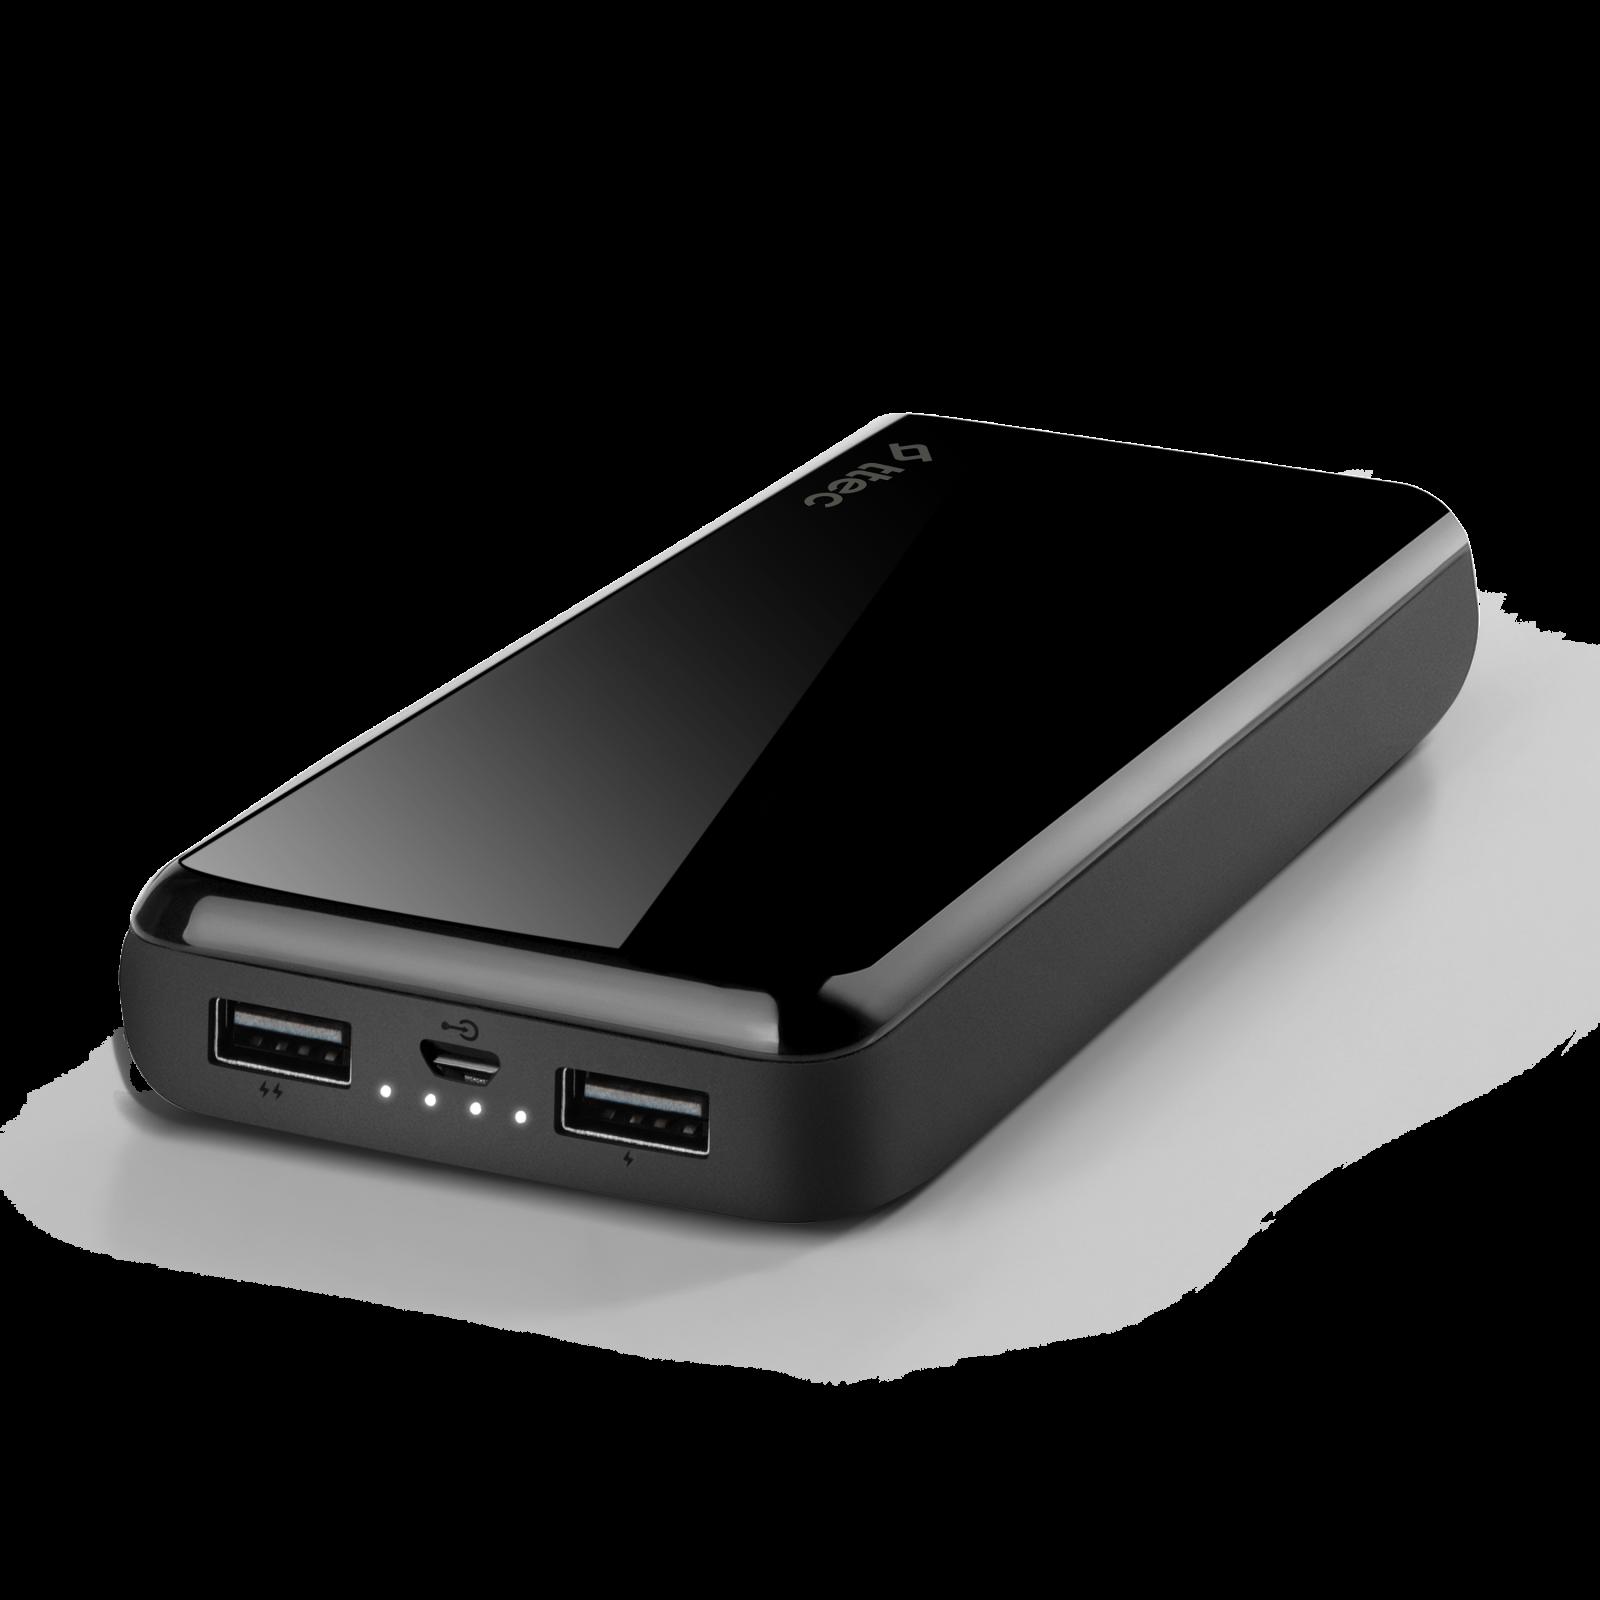 Външна батерия ReCharger Universal Mobile Charger 20.000mAh - Черна,116252